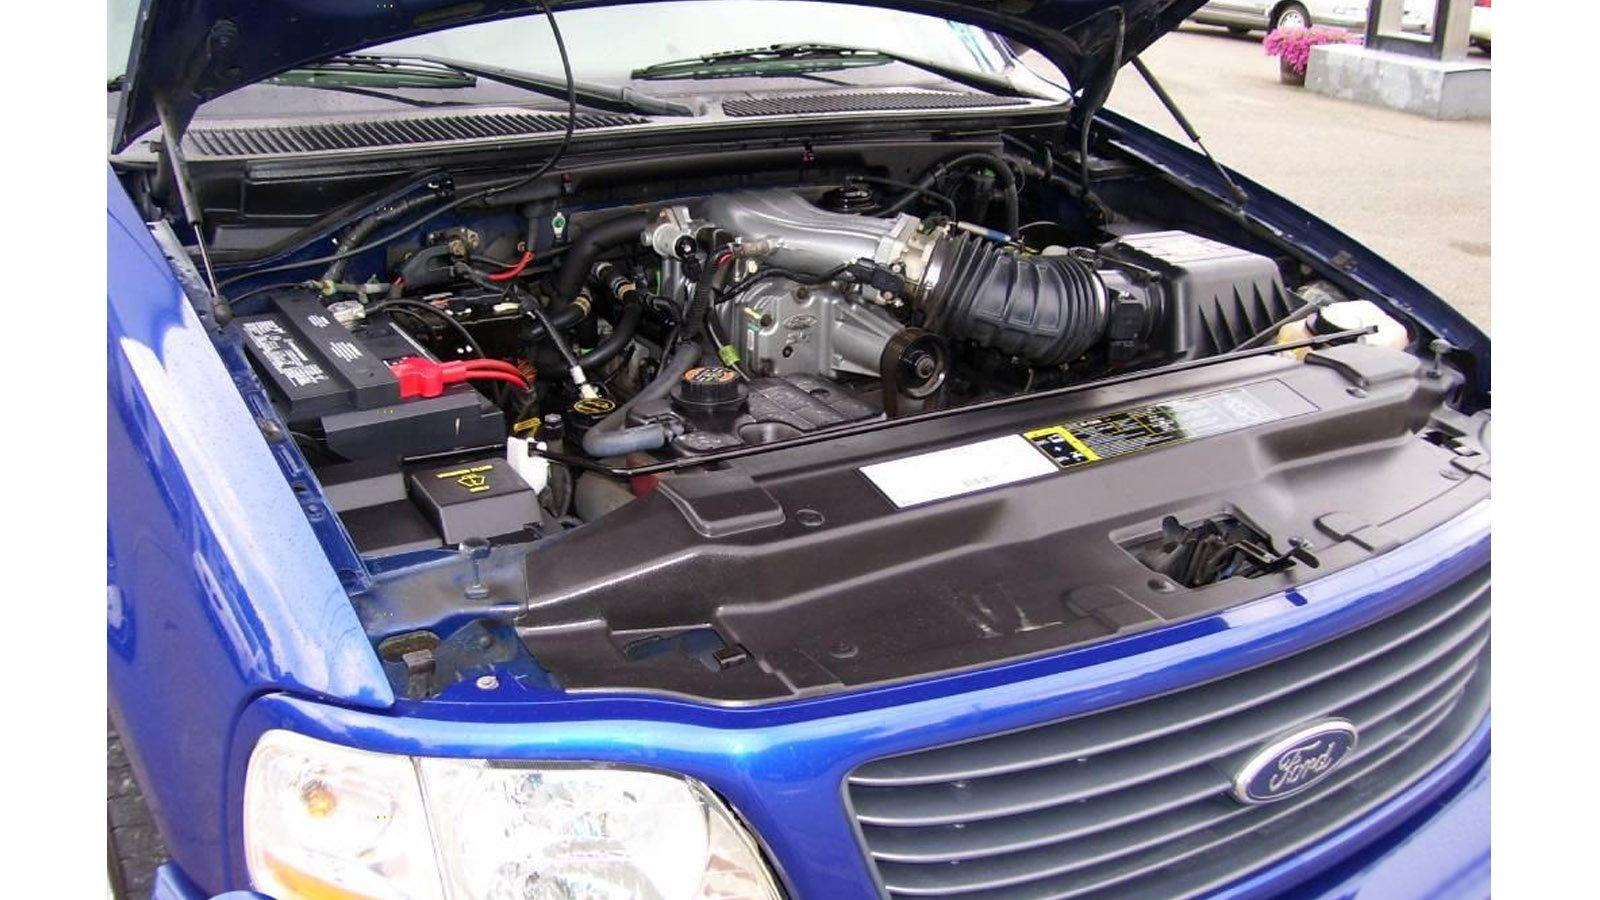 5.4 liter Supercharged V8